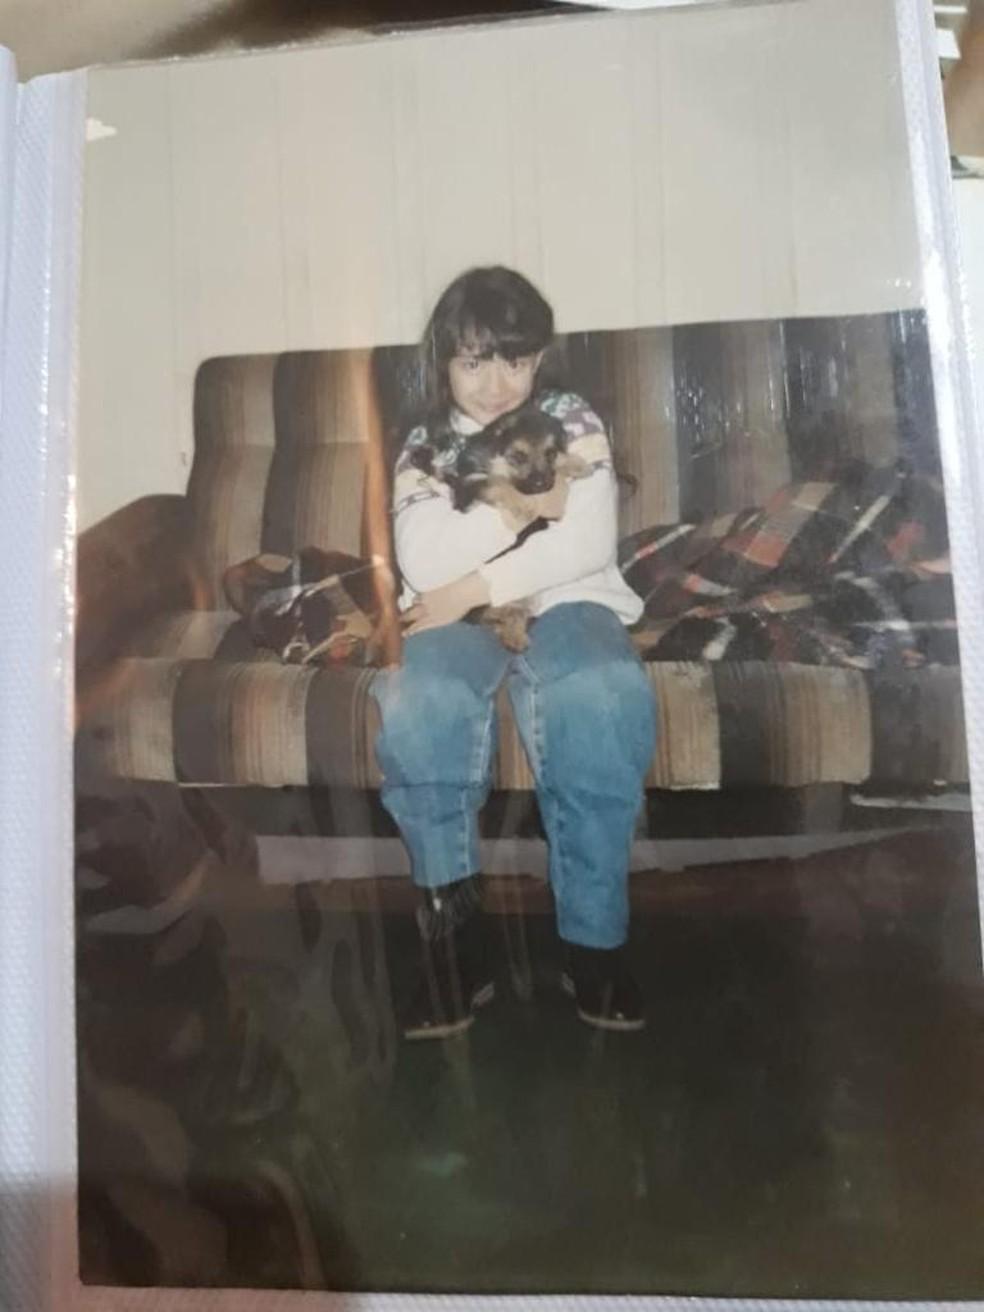 A influenciadora Priscilla Leite na infância, quando morava em Maracaju (MS) — Foto: Divulgação